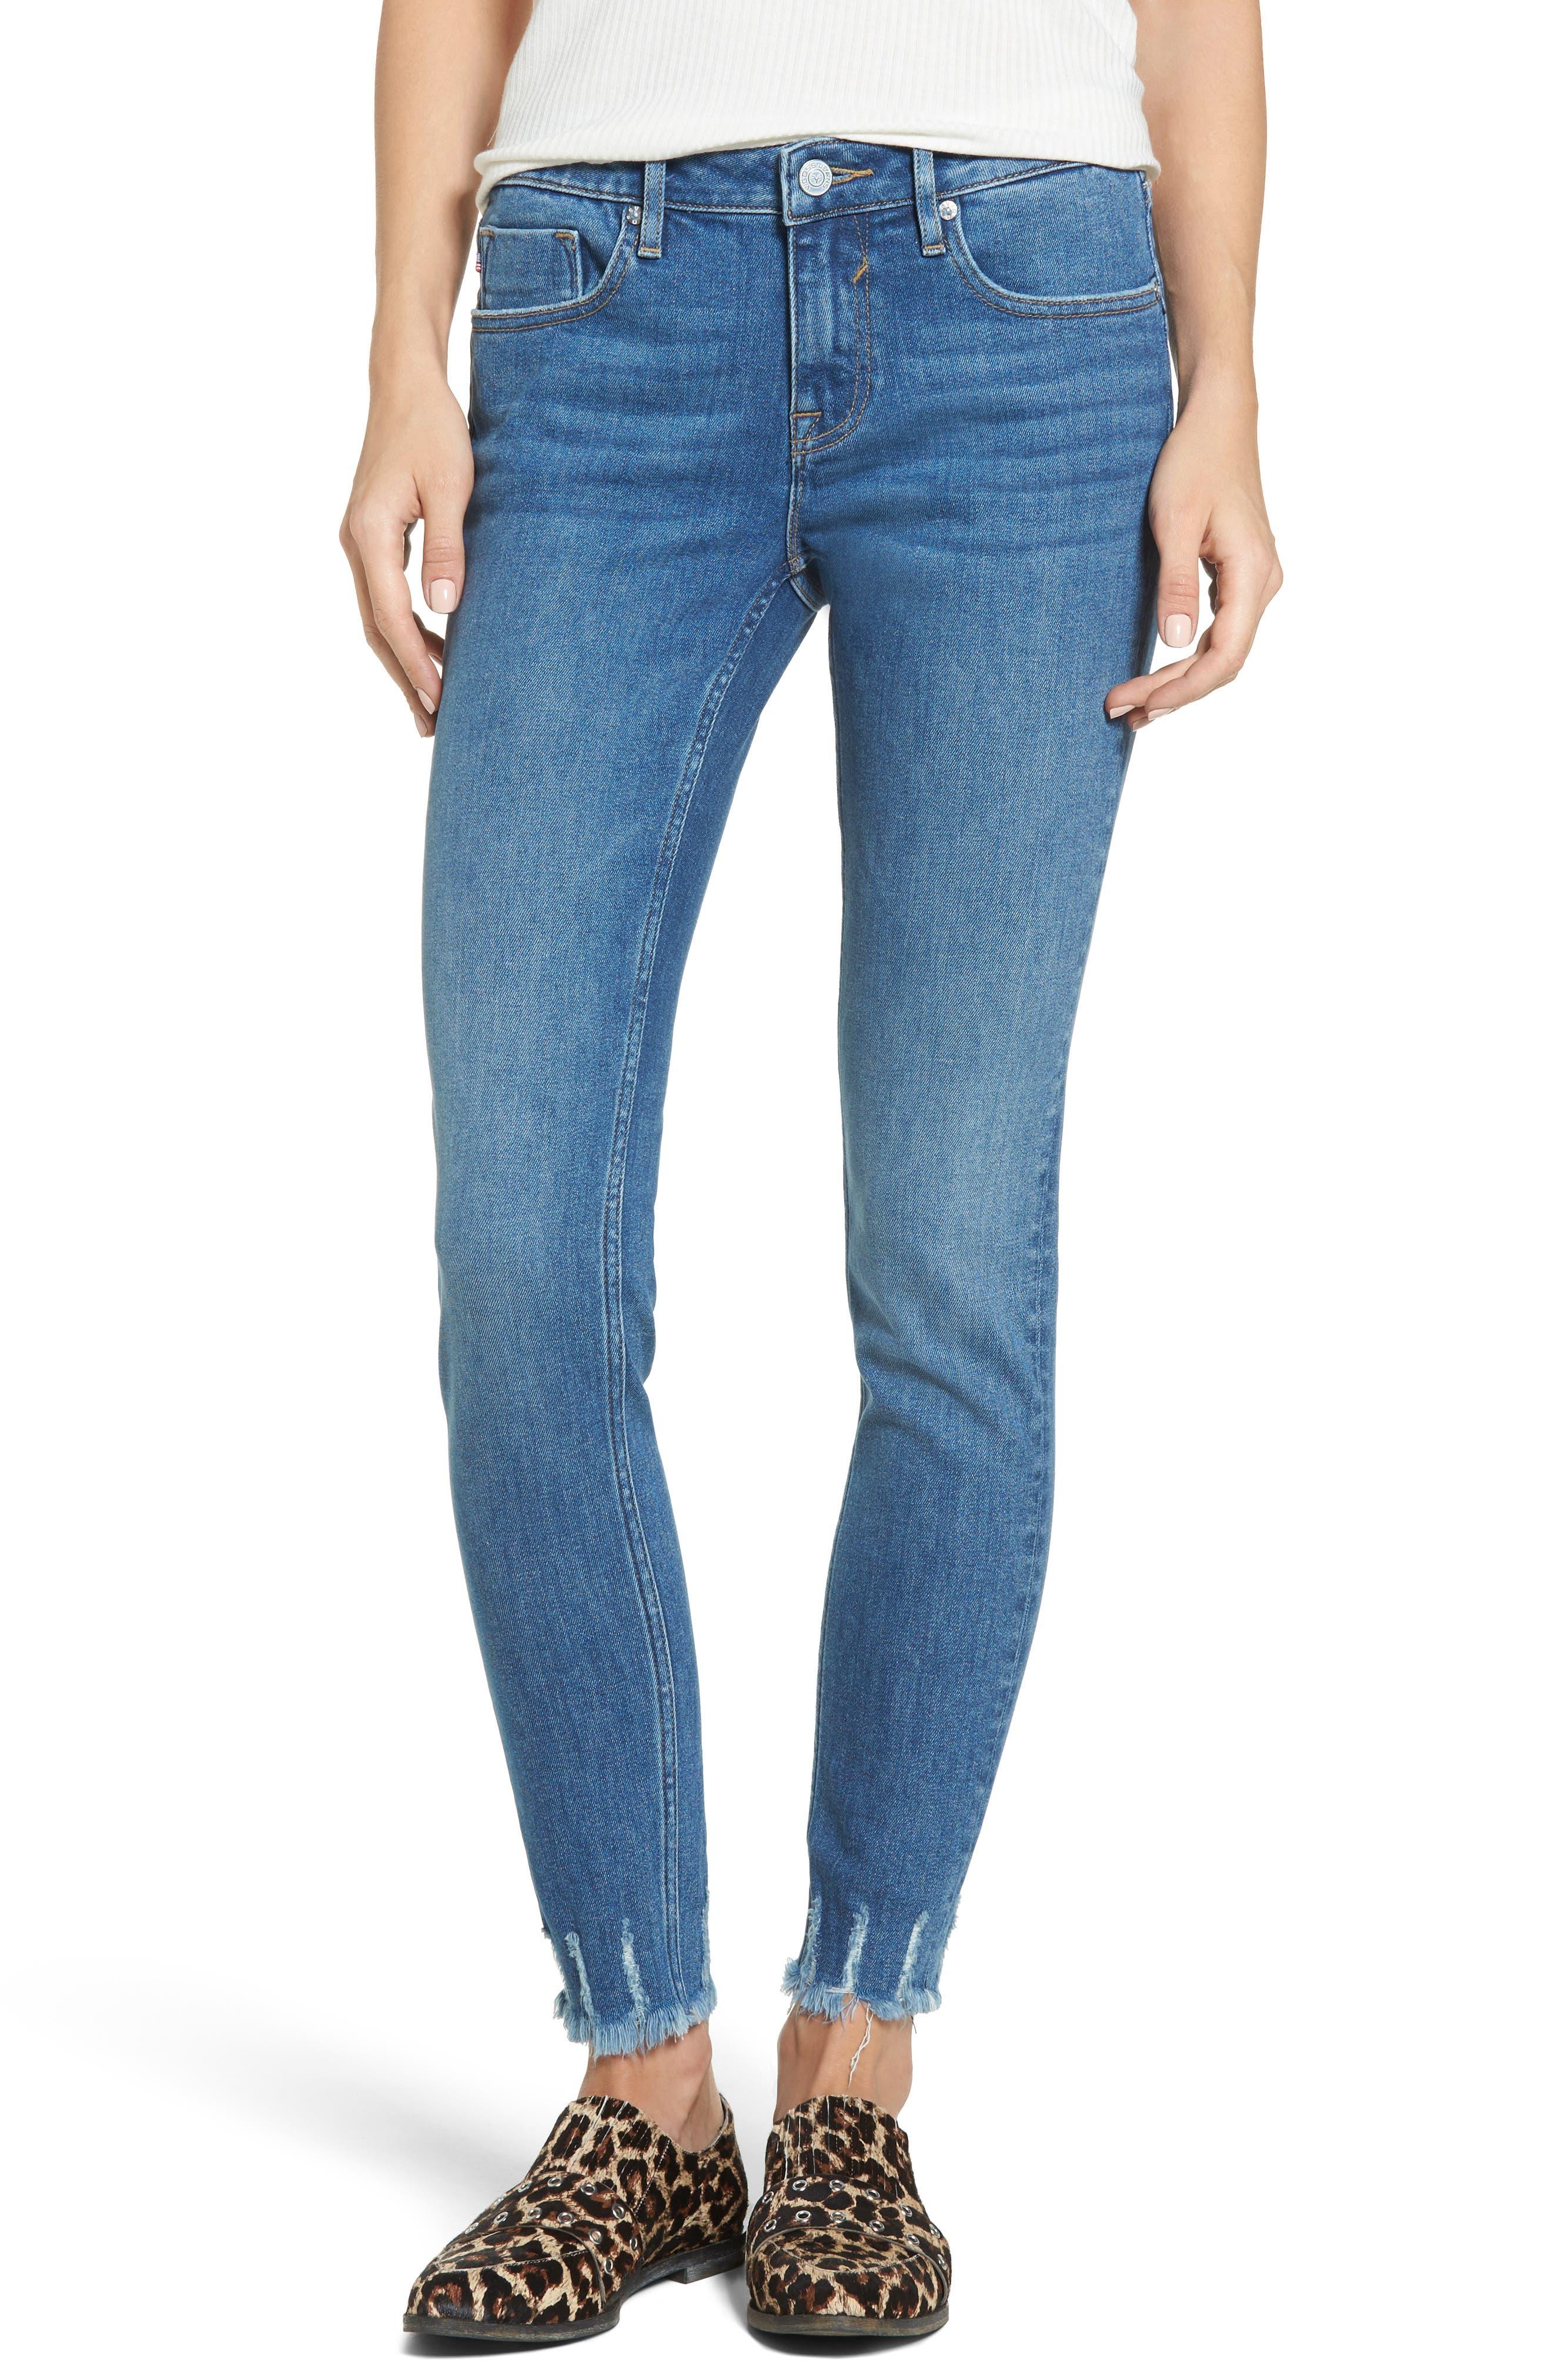 Jagger Skinny Jeans,                         Main,                         color, Med Wash